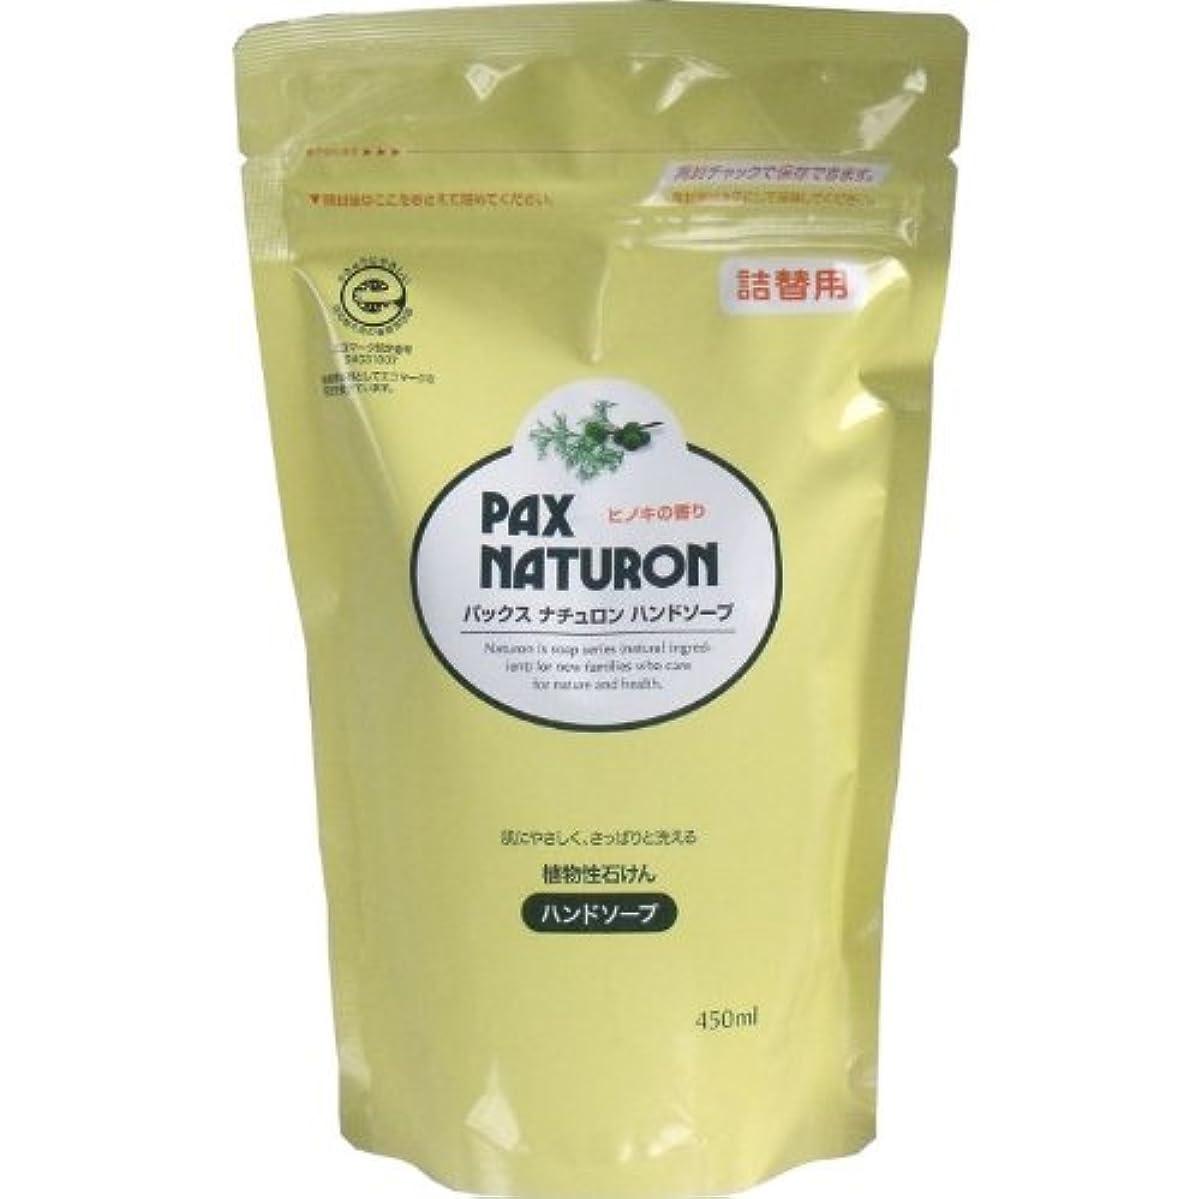 クアッガ実装するレトルト肌にやさしく、さっぱりと洗える植物性石けん!植物性ハンドソープ 詰替用 450mL